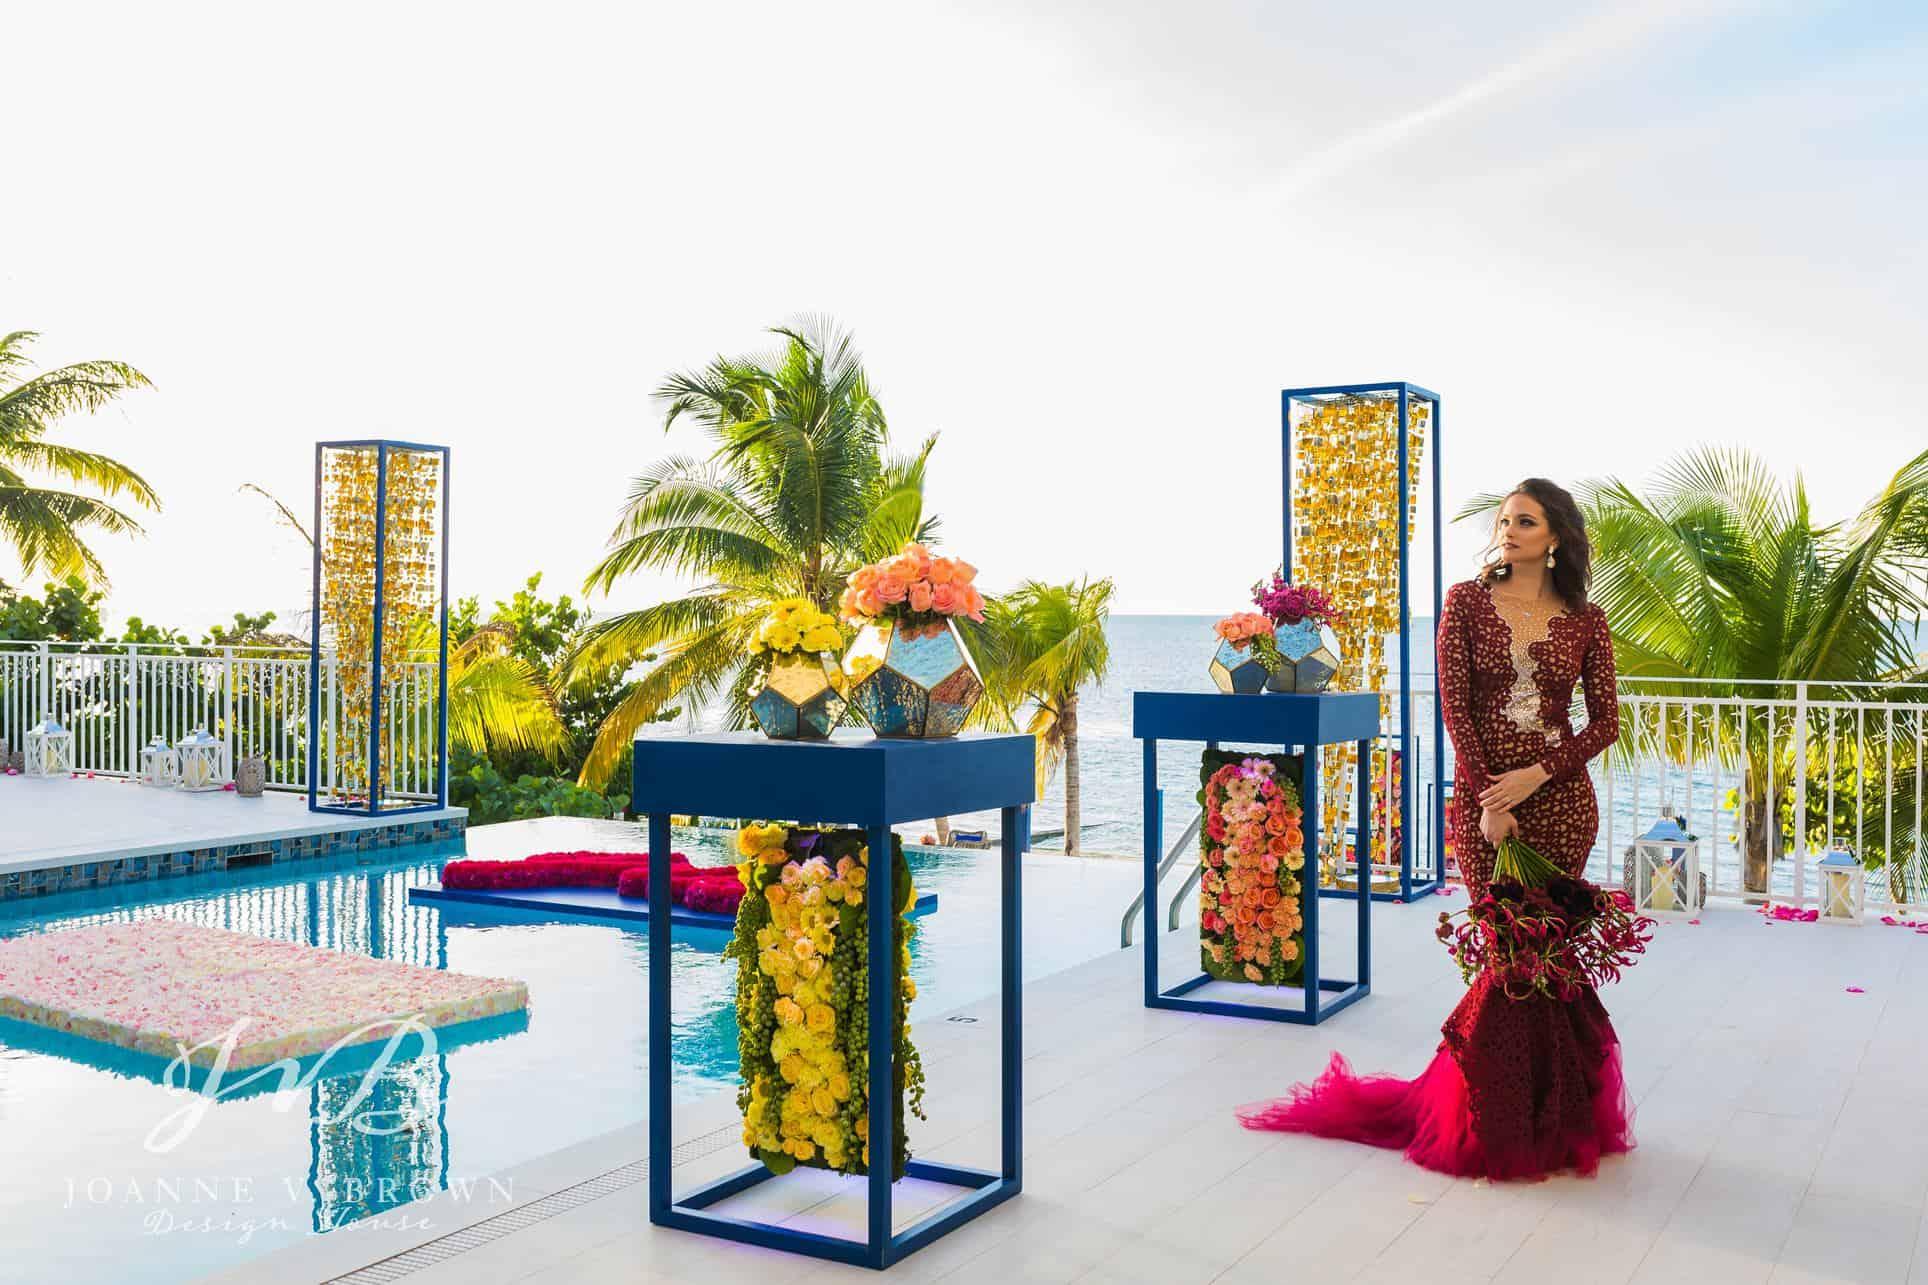 1503590996_1destination-wedding-cayman-islands-reception